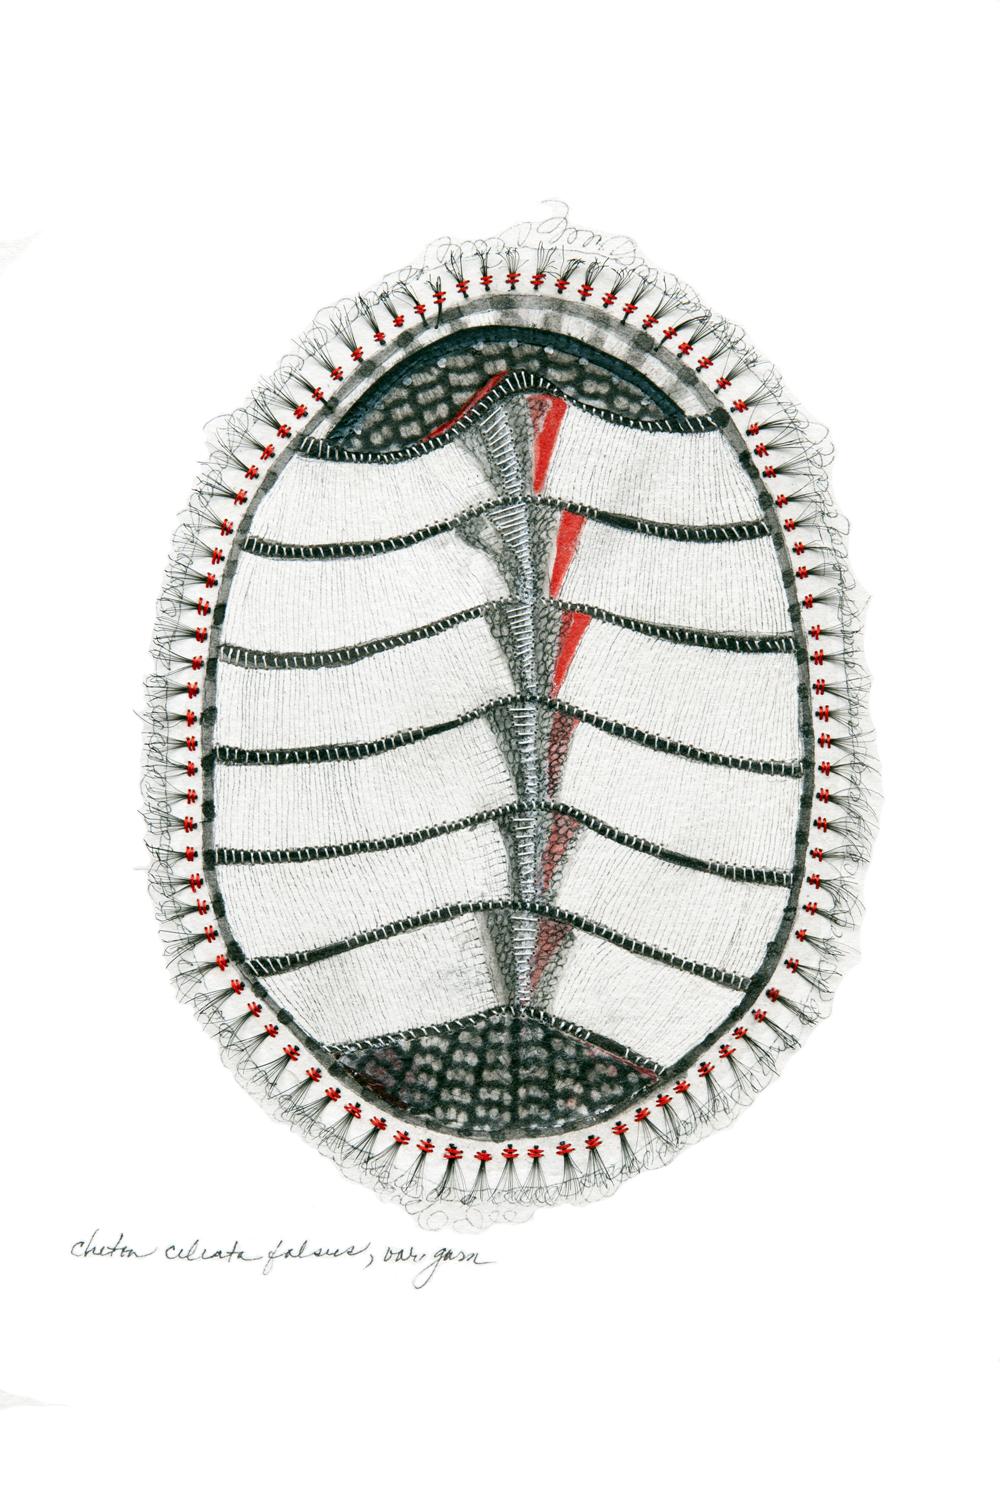 chiton ciliata falsus